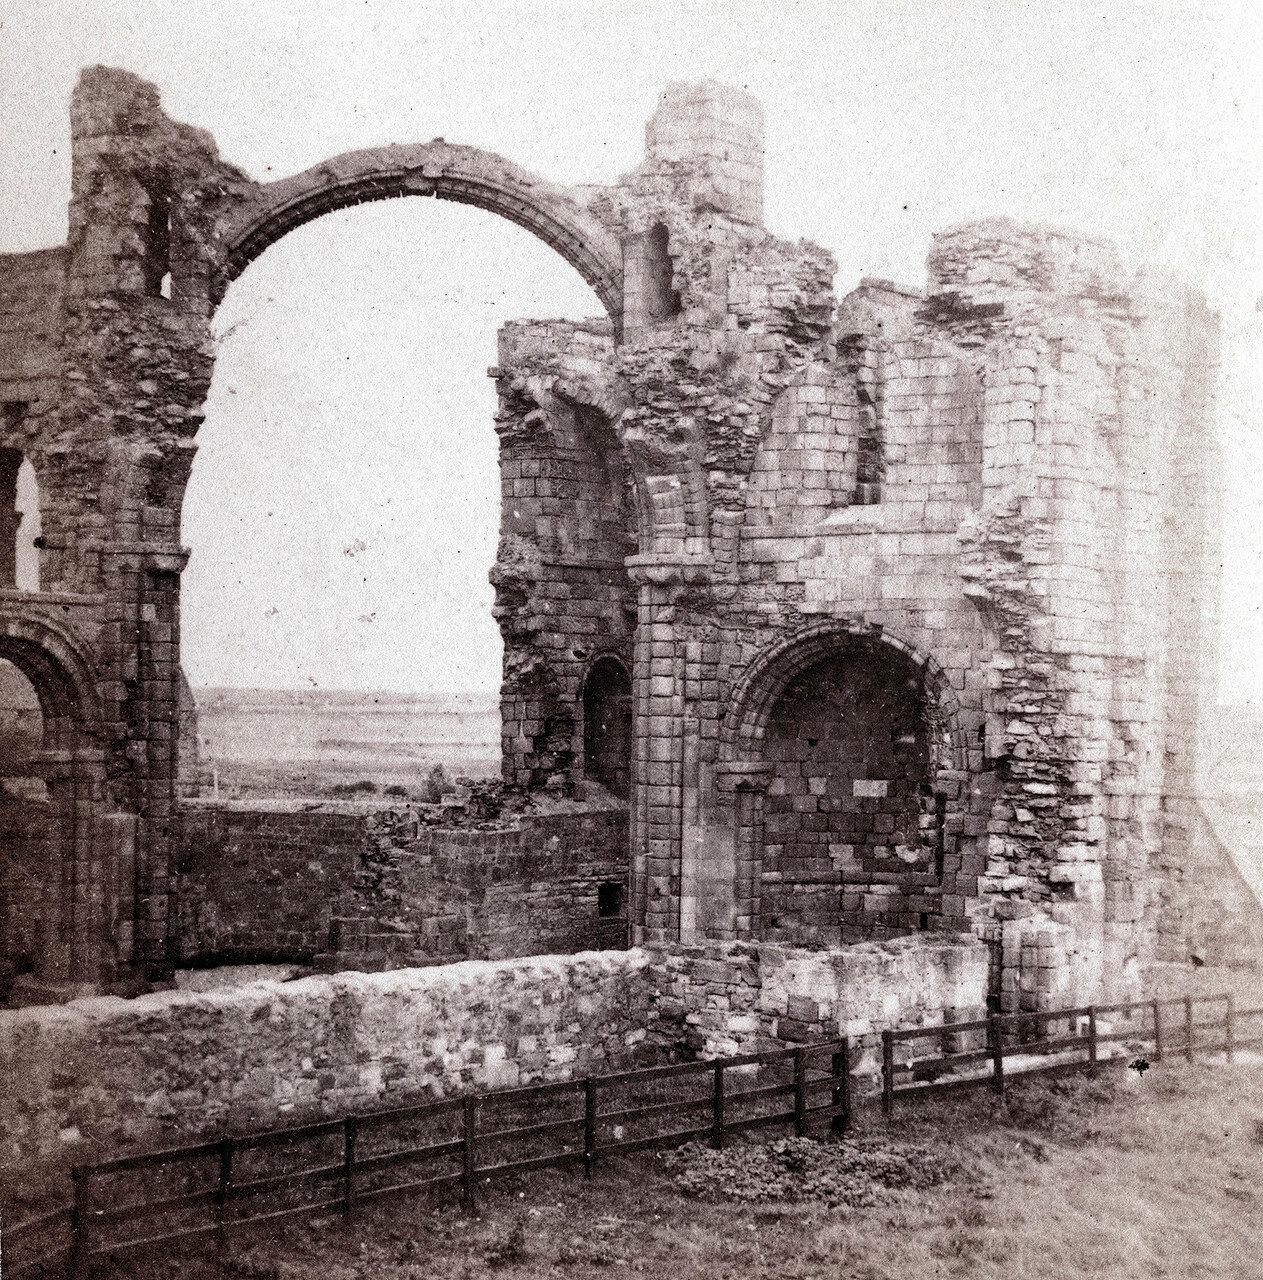 Линдисфарнский замок, Радужная арка. Великобритания, 1864